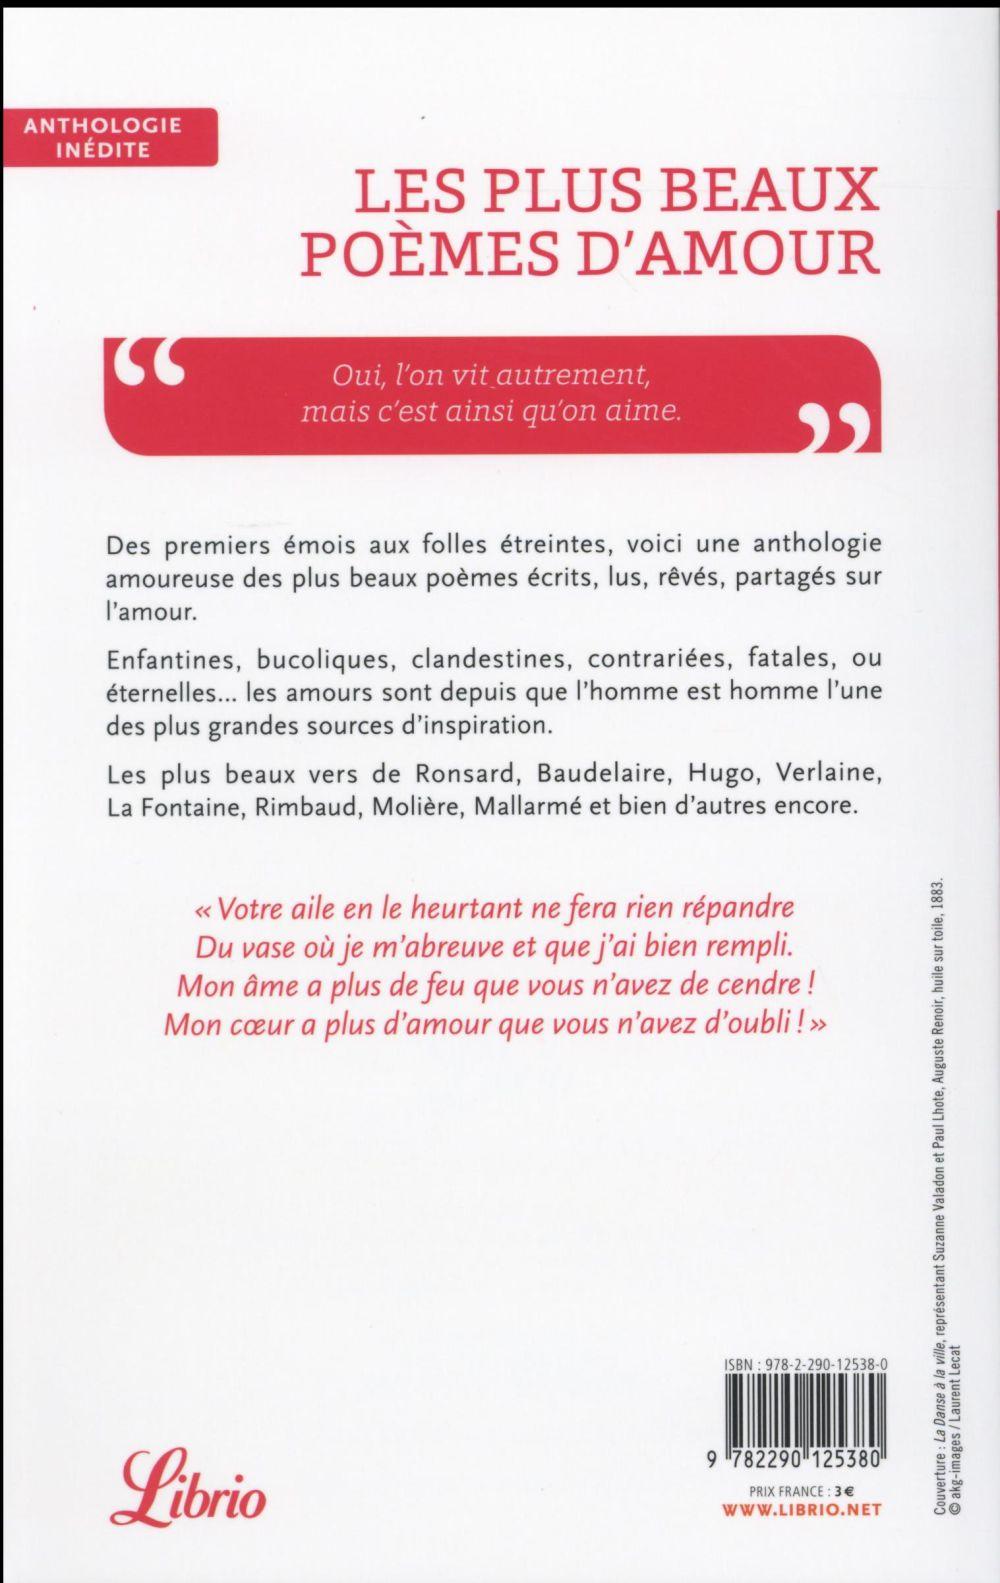 Les Plus Beau Poeme D Amour : poeme, amour, Beaux, Poèmes, D'amour, Anthologie, Marie-Anne, Poche, Librairie, Paris, PARIS